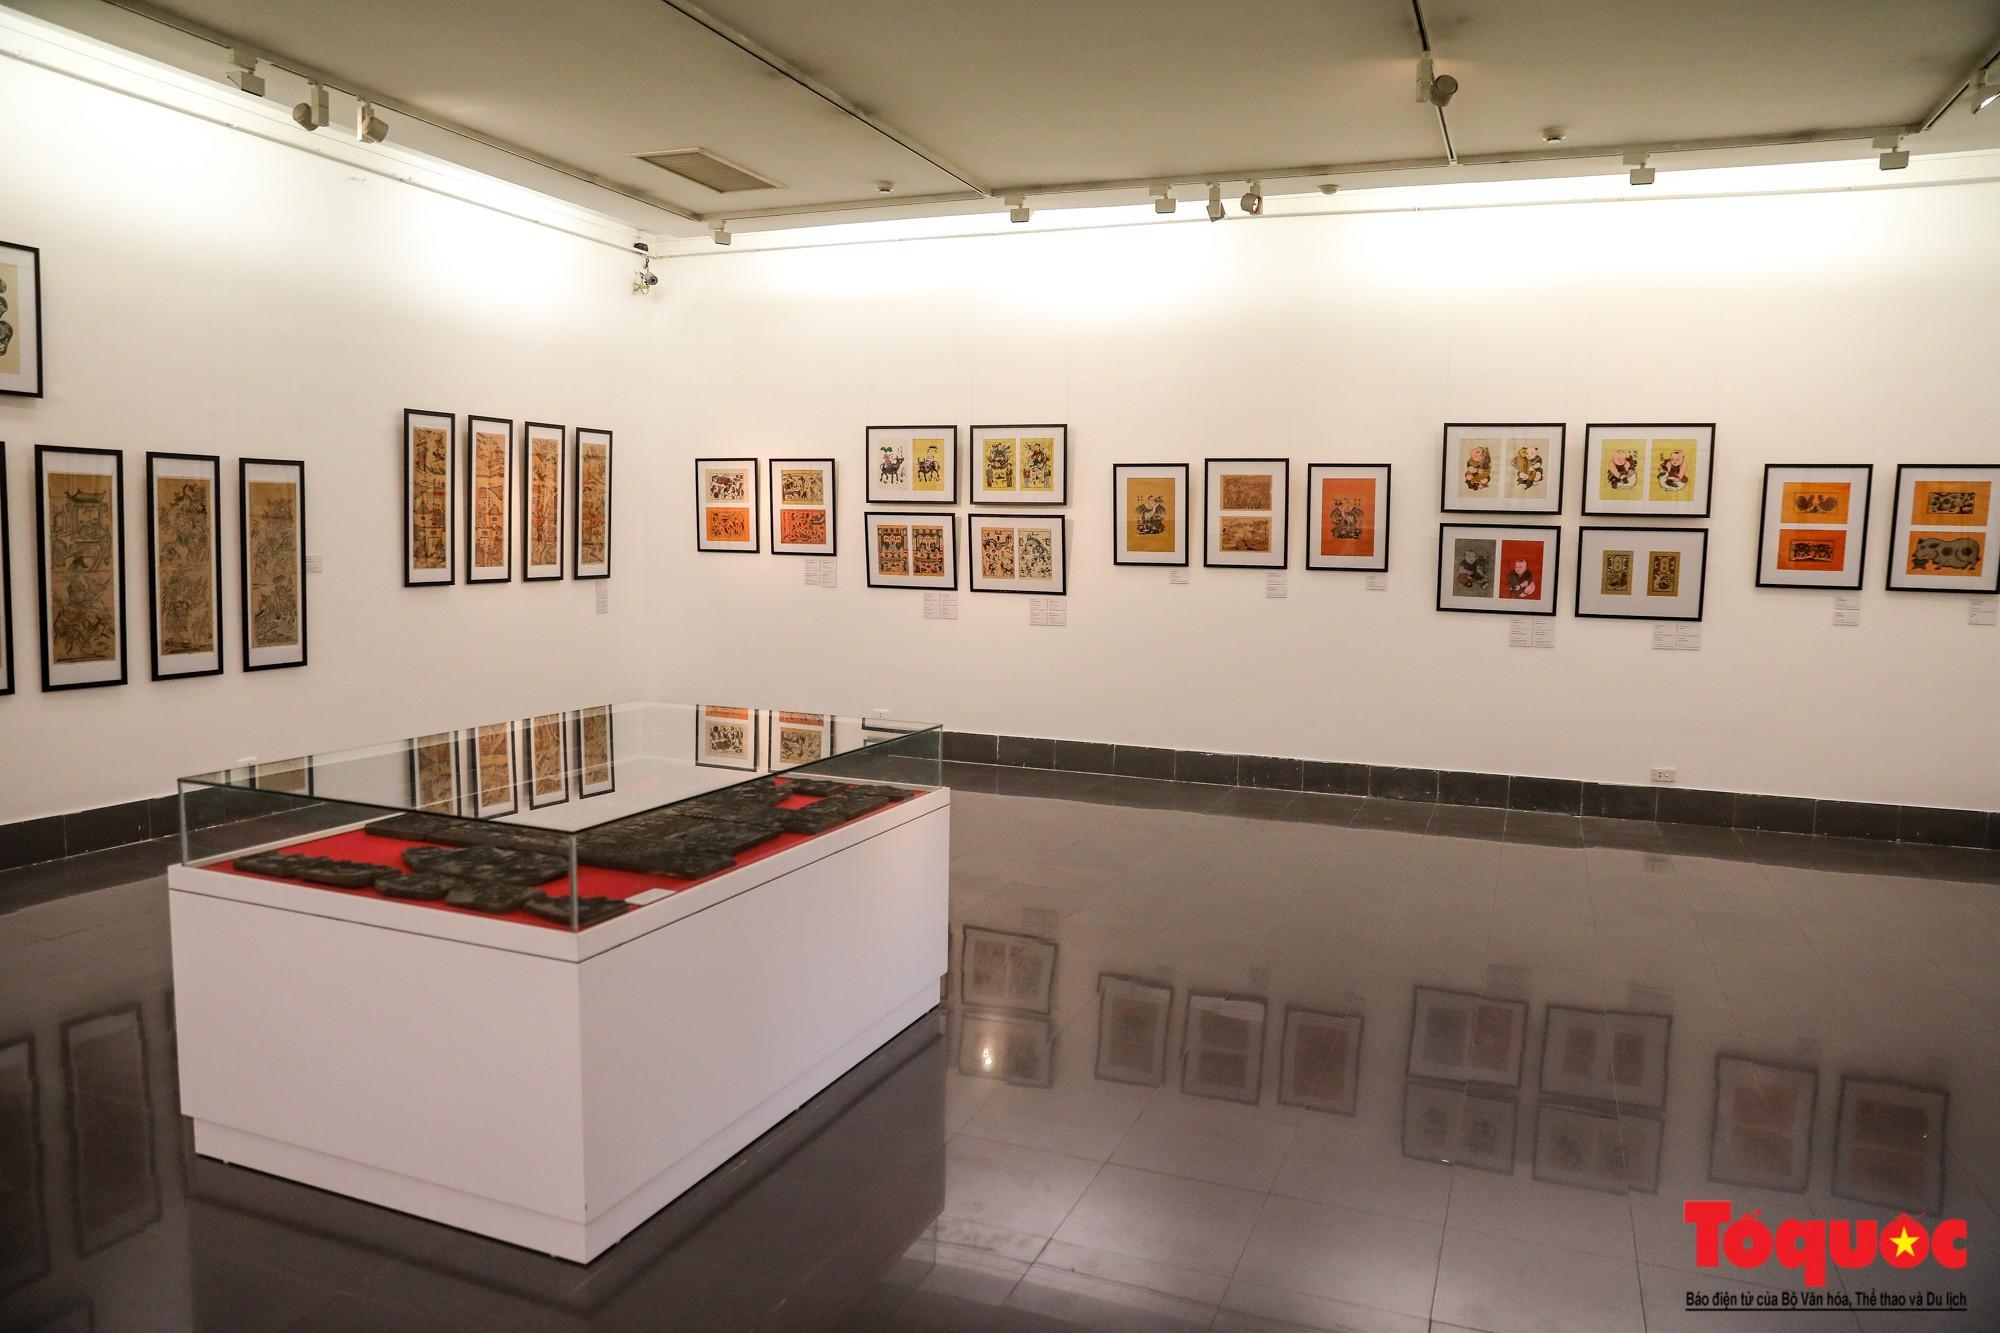 """Khai mạc triển lãm """"Tranh dân gian Đông hồ xưa và nay"""": Trưng bày hơn 100 hiện vật của tranh dân gian Đông Hồ - Ảnh 3."""